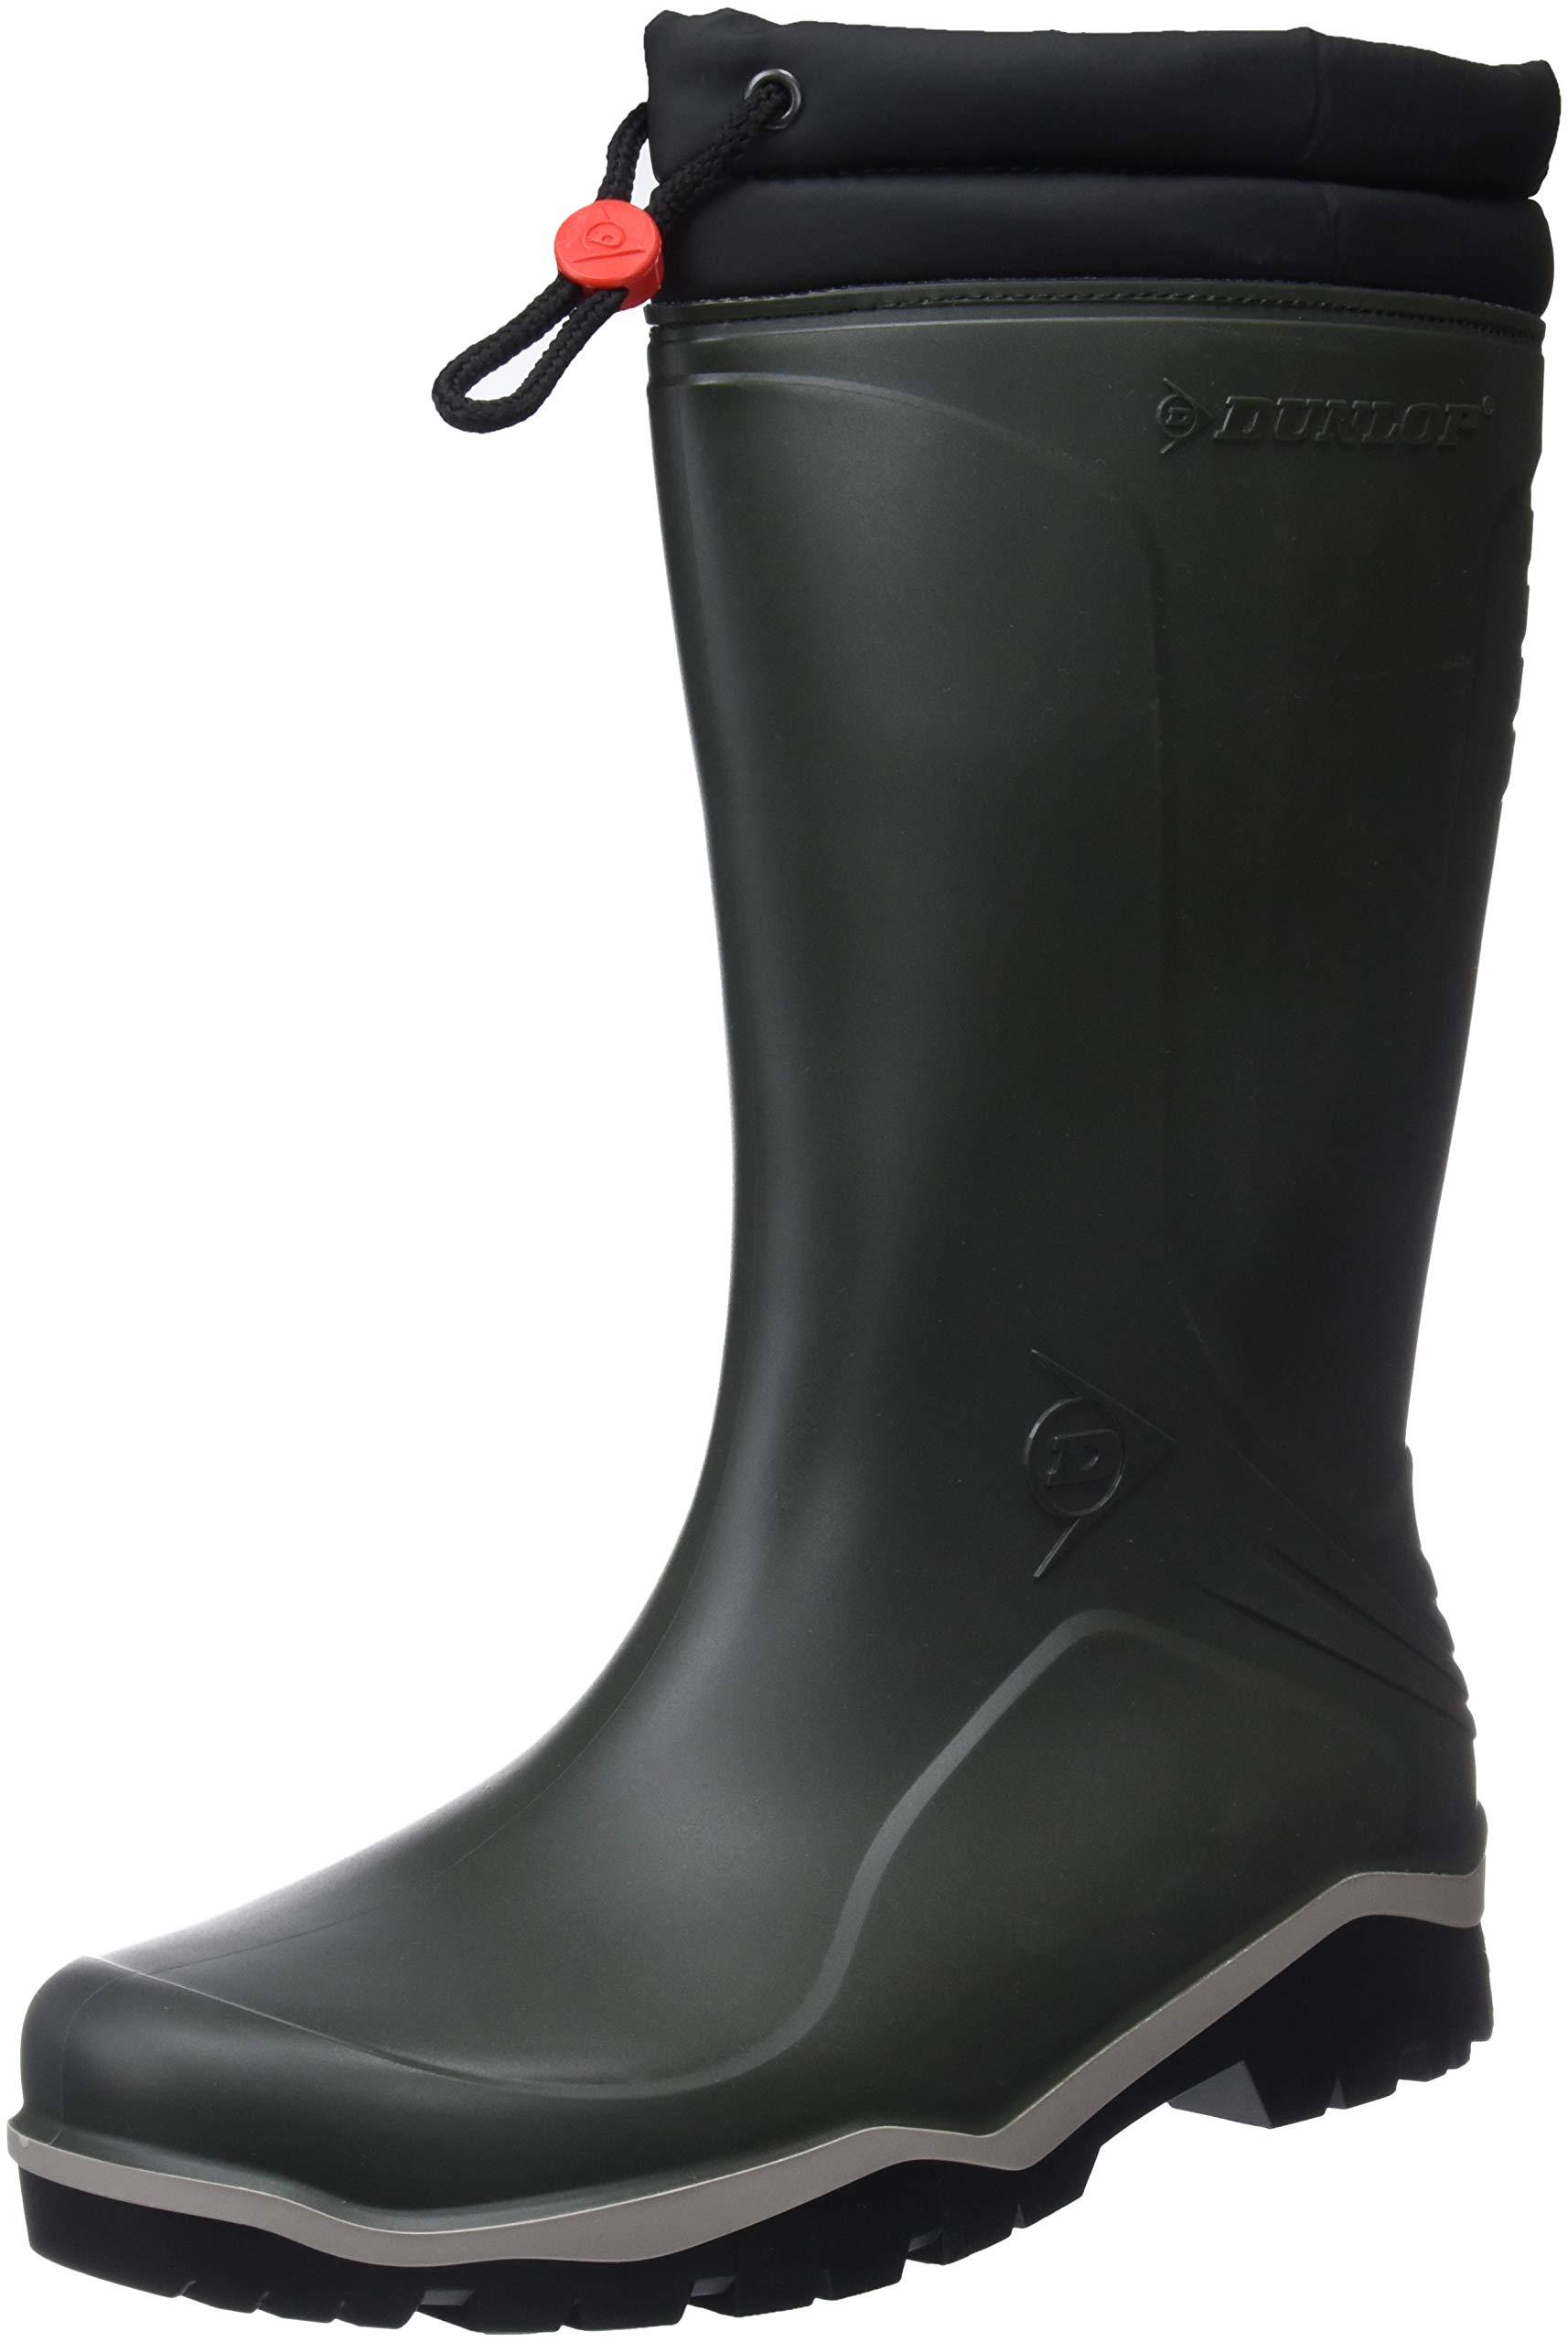 Dunlop Blizzard Unisex Mens/Womens Winter Wellington Boot/Rain Boots (10 US) (Green) by Dunlop